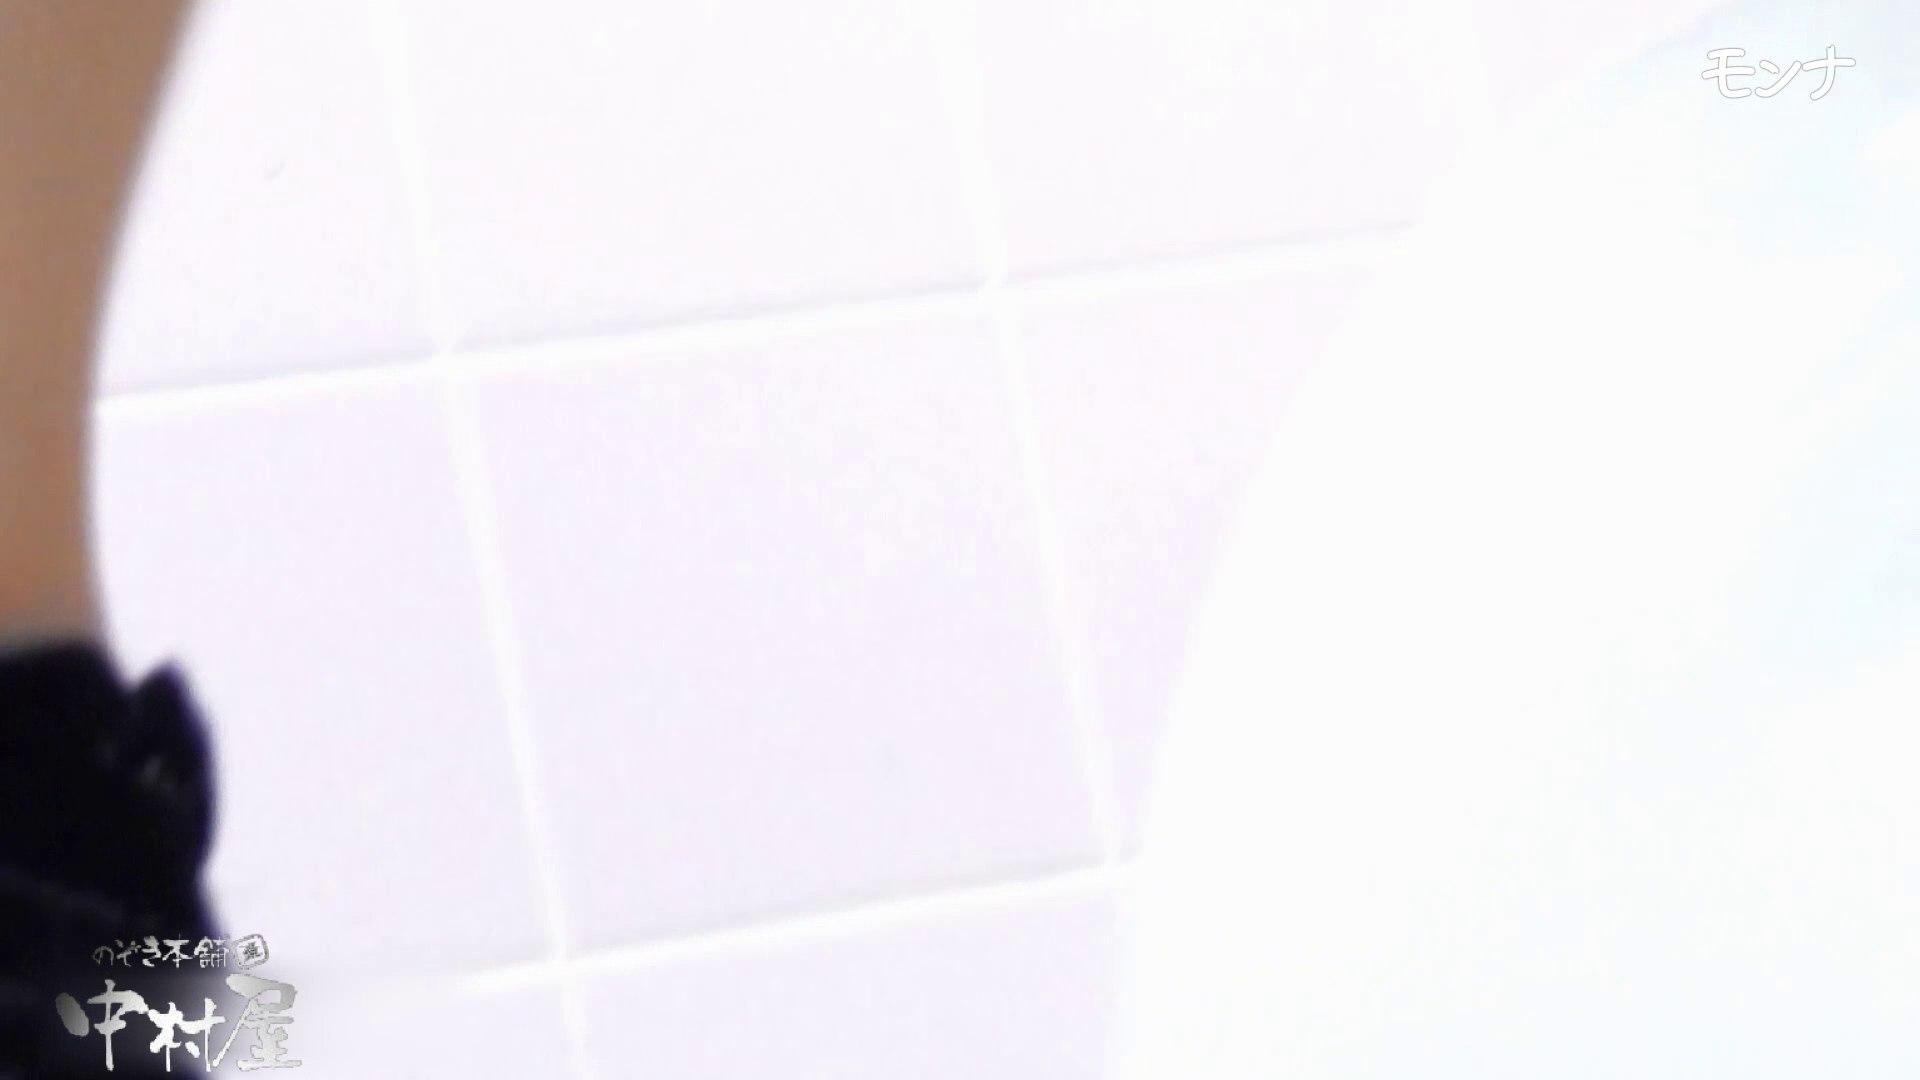 【美しい日本の未来】美しい日本の未来 No.73 自然なセクシーな仕草に感動中 トイレの中の女の子 盗み撮り動画 42連発 23